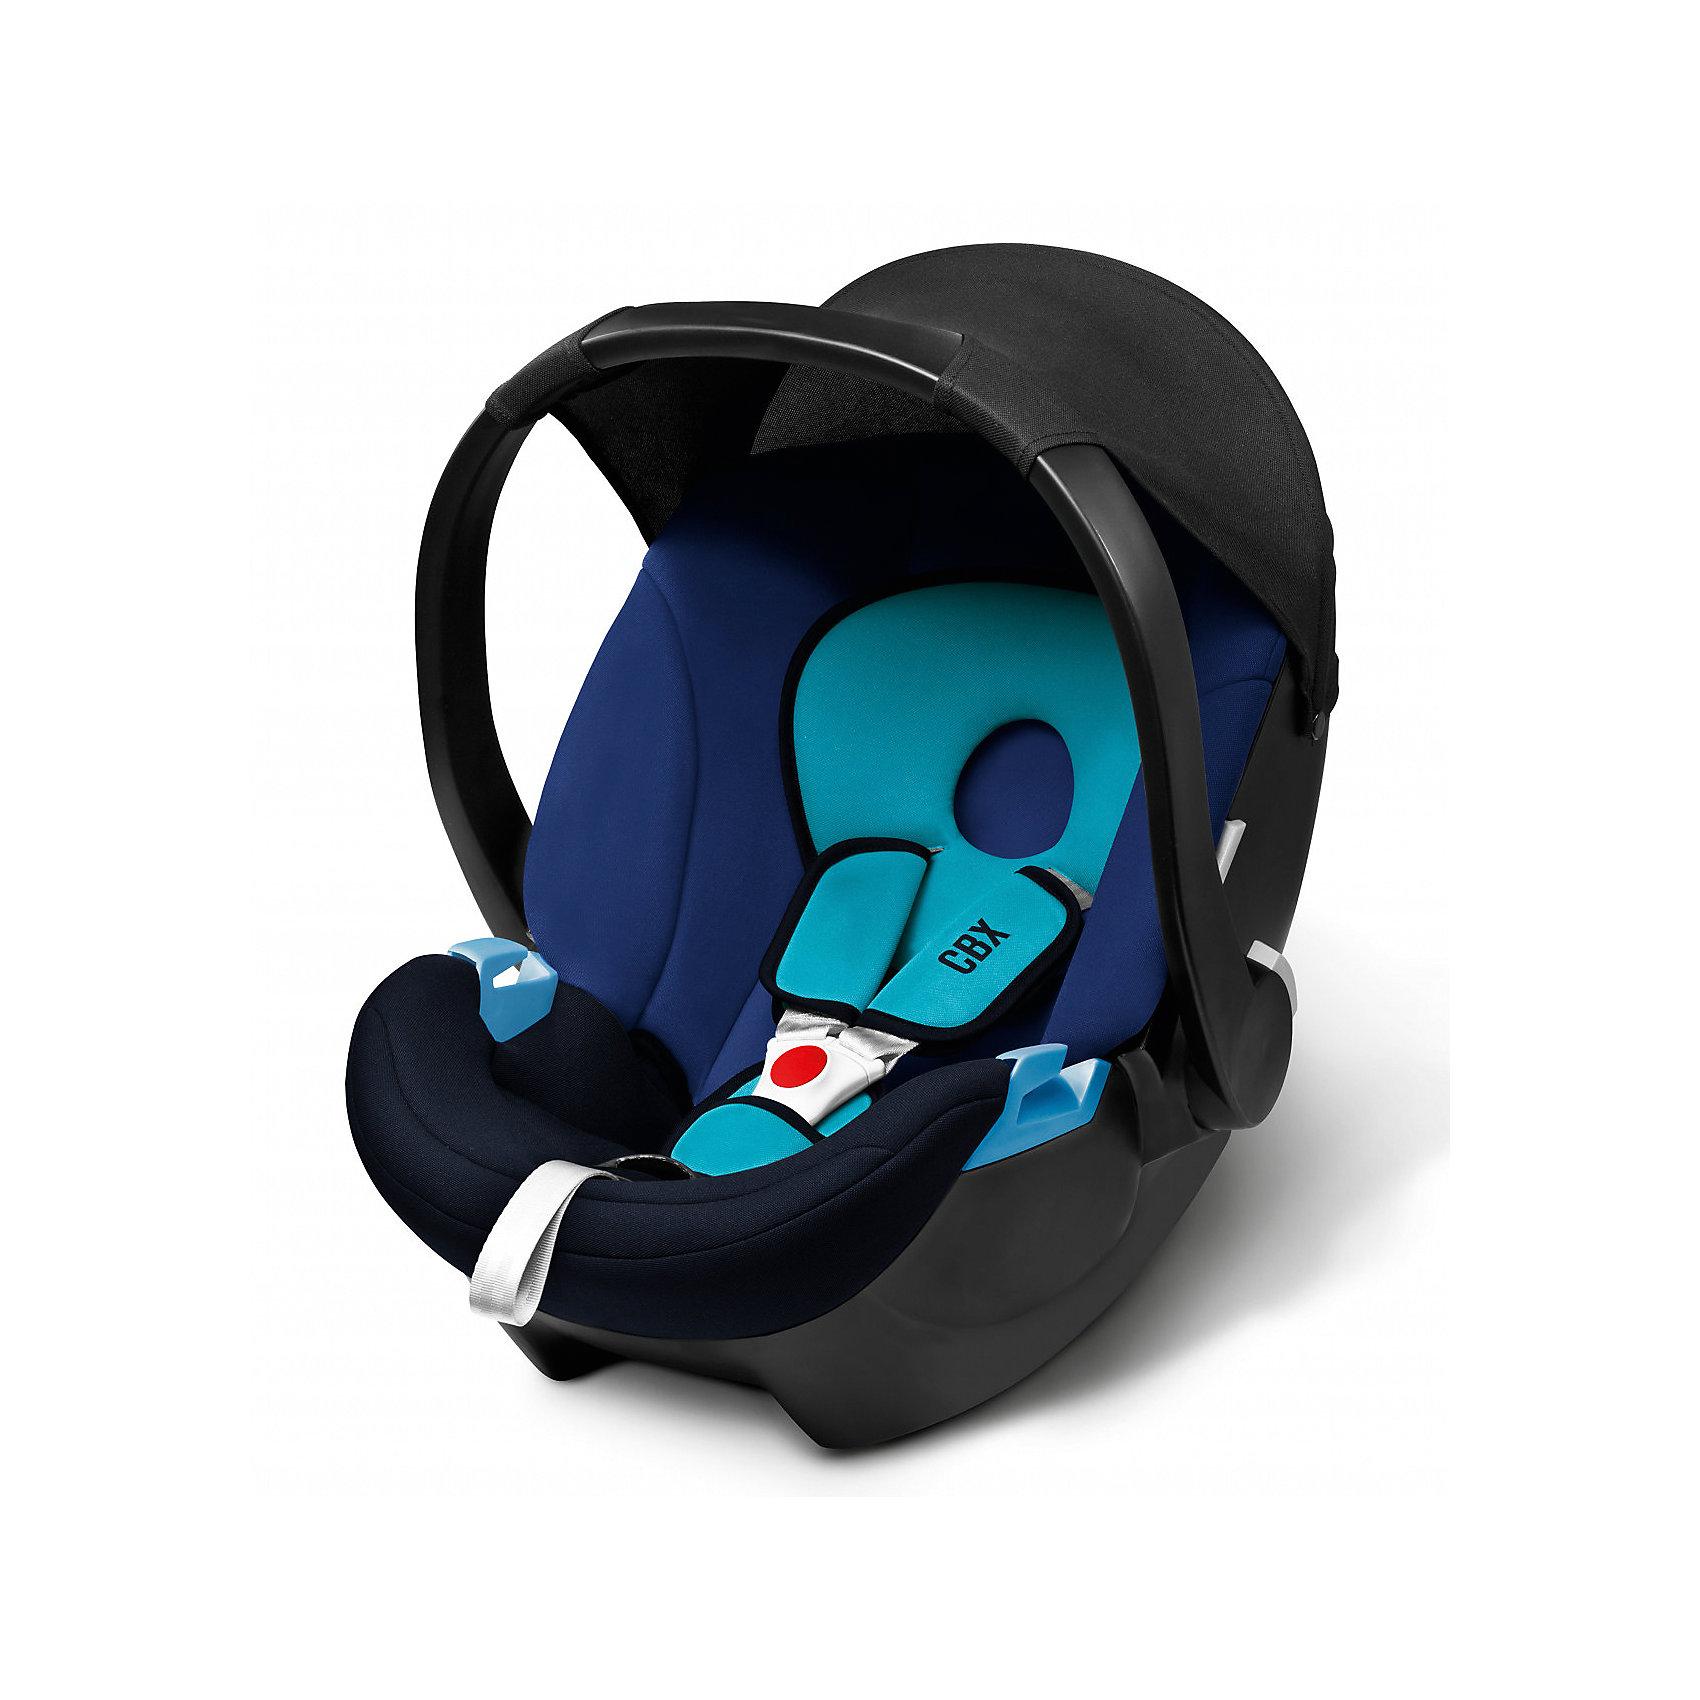 Автокресло Aton Basic , 0-13 кг, CBX by Cybex, синийЛегкое, комфортное ипросторное автокресло для самых маленьких сулучшенной, развитой боковой защитой. Солнцезащитный козырек защищает ребенка отпрямых солнечных лучей. Трехточечные ремни безопасности с мягкими накладками комфортно и надежно удержат малыша. Возможна установка нашасси колясок Cybex спомощью специальных адаптеров. Изогнутое основание позволяет укачивать малыша. Ручка для переноски имеет три положения. Обивка выполнена изгипоаллергенных тканей, легко снимаются для деликатной стирки. <br><br>Дополнительная информация:<br><br>- Материал: пластик, текстиль.<br>- Размер: 63х47х56 см.<br>- Вес кресла: 2,9 кг.<br>- Трехточечные ремни безопасности.<br>- Установка в автомобиле: против движения.<br>- Три положения ручки для переноски.<br>- Съемная обивка ( стирка при 30?).<br>- Максимальный вес ребенка: 13 кг.<br>- Изогнутое основание.<br>- Солнцезащитный козырек.<br>- Цвет: синий.<br><br>Автокресло Aton Basic , 0-13 кг, CBX by Cybex (Сайбекс), синее можно купить в нашем магазине.<br><br>Ширина мм: 530<br>Глубина мм: 450<br>Высота мм: 700<br>Вес г: 8600<br>Возраст от месяцев: 0<br>Возраст до месяцев: 12<br>Пол: Мужской<br>Возраст: Детский<br>SKU: 4009842